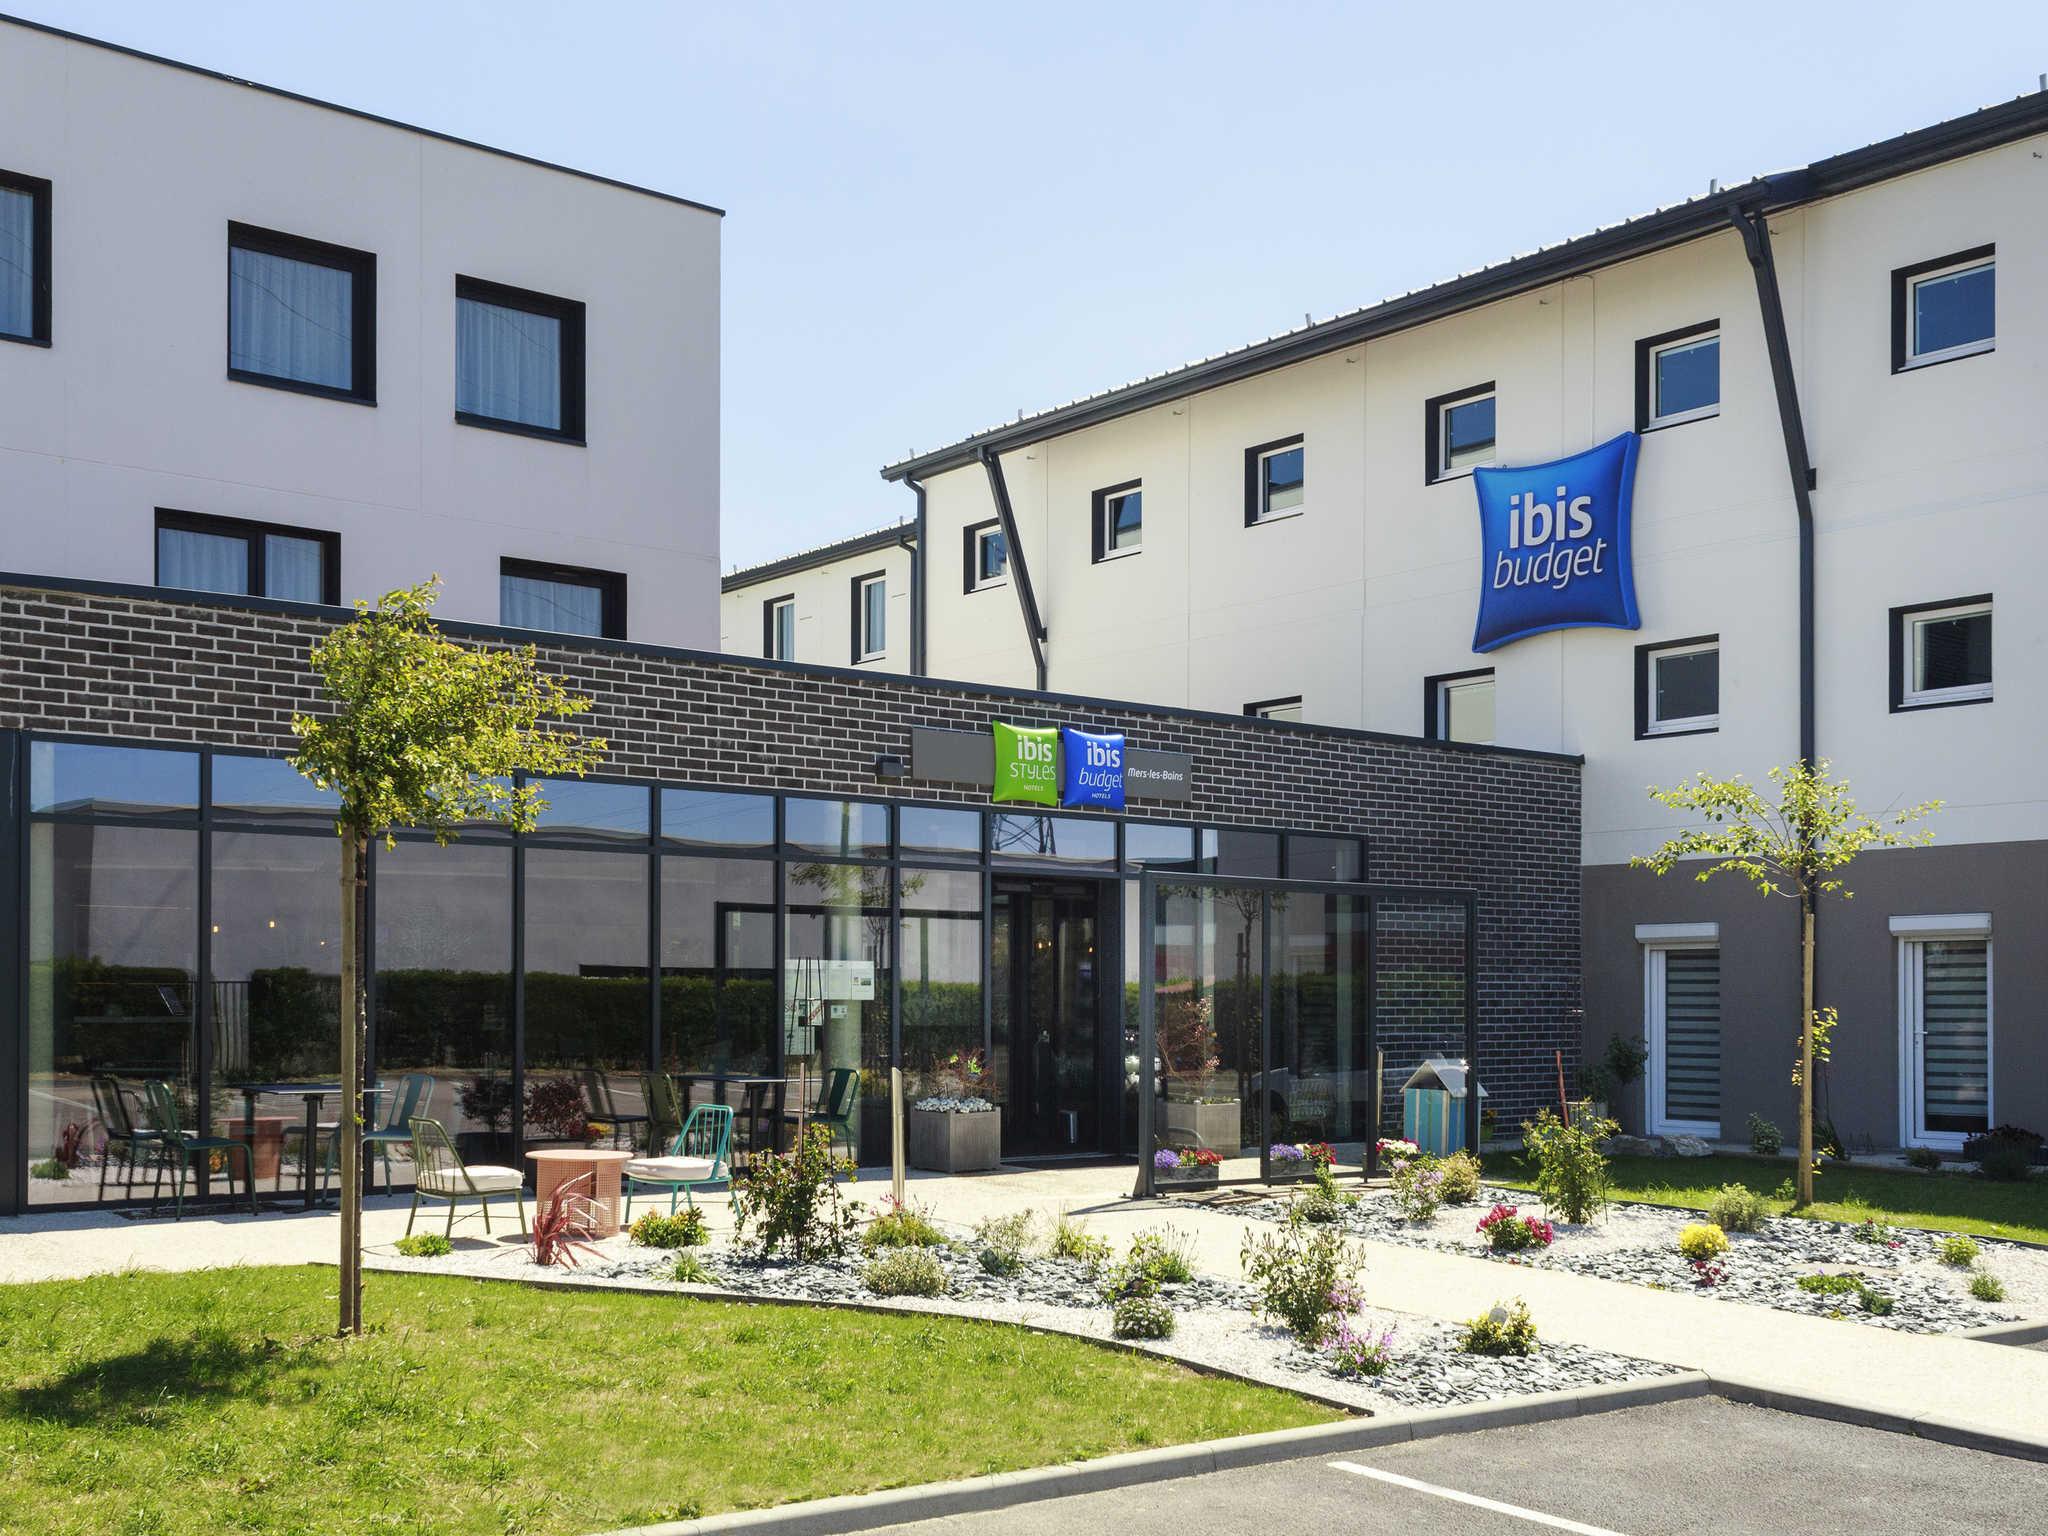 Hotel – ibis budget Le Tréport Mers-les-Bains